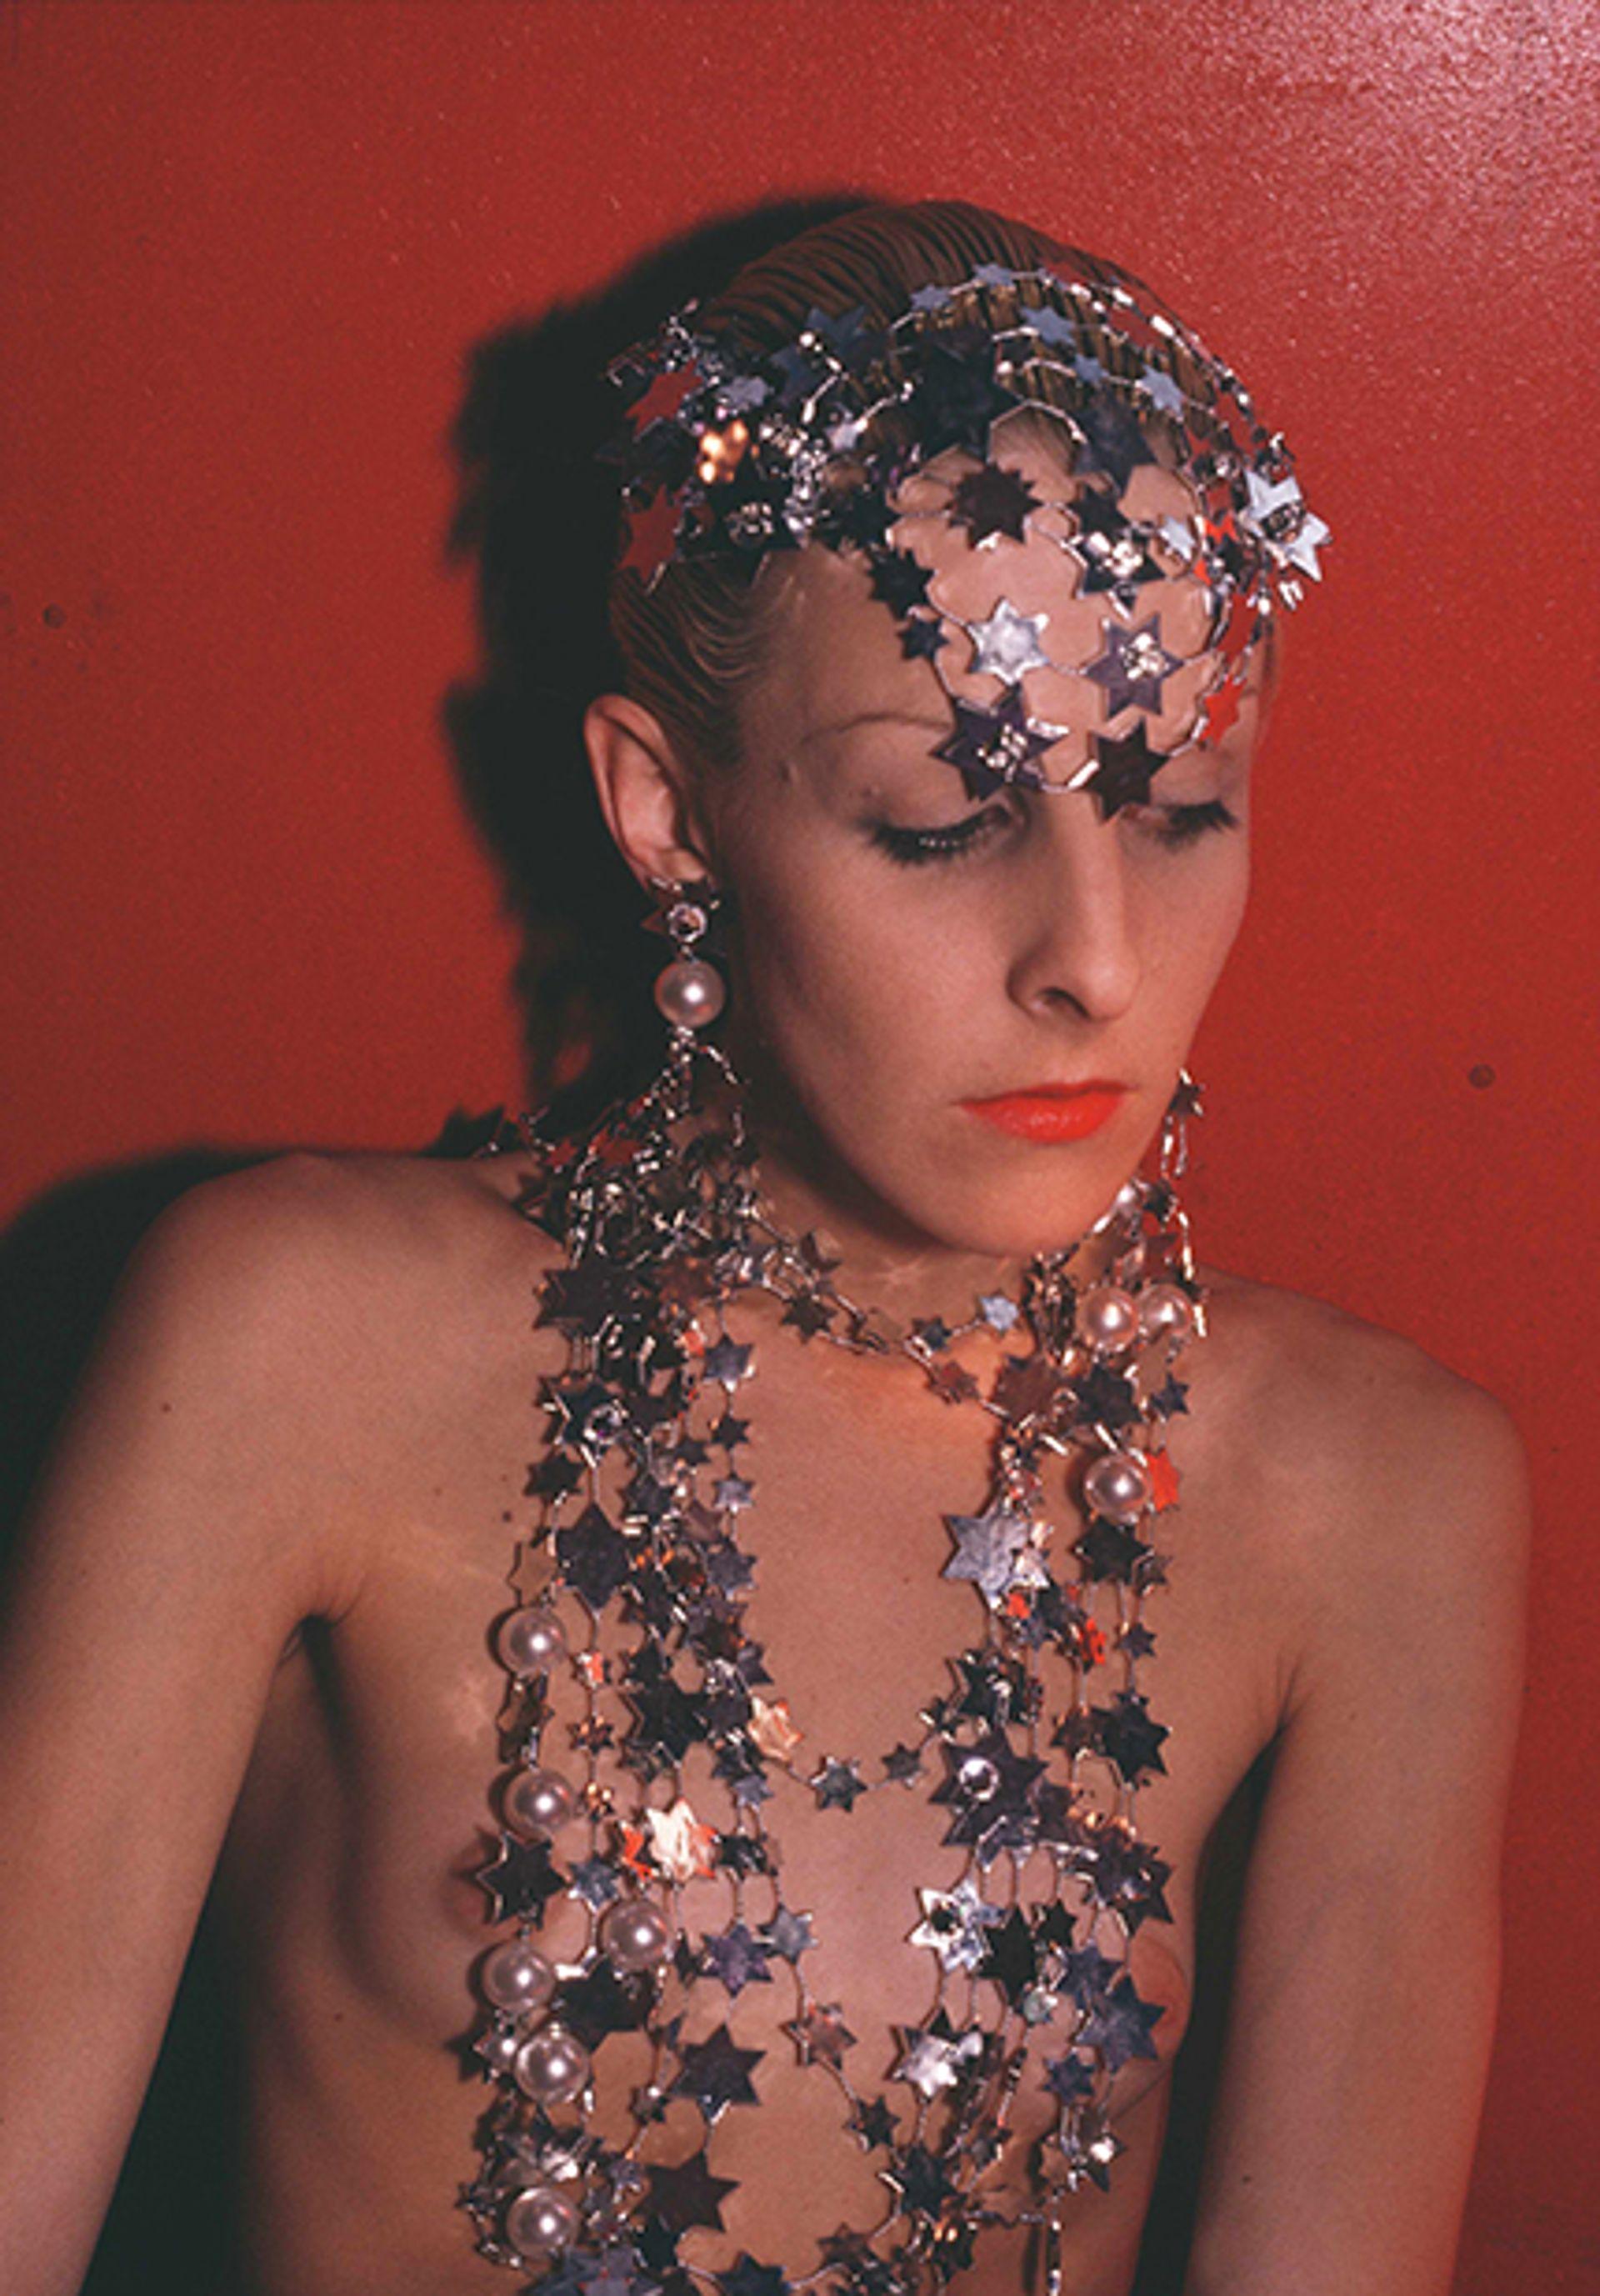 Greer Modeling Jewellery (1985) Nan Goldin